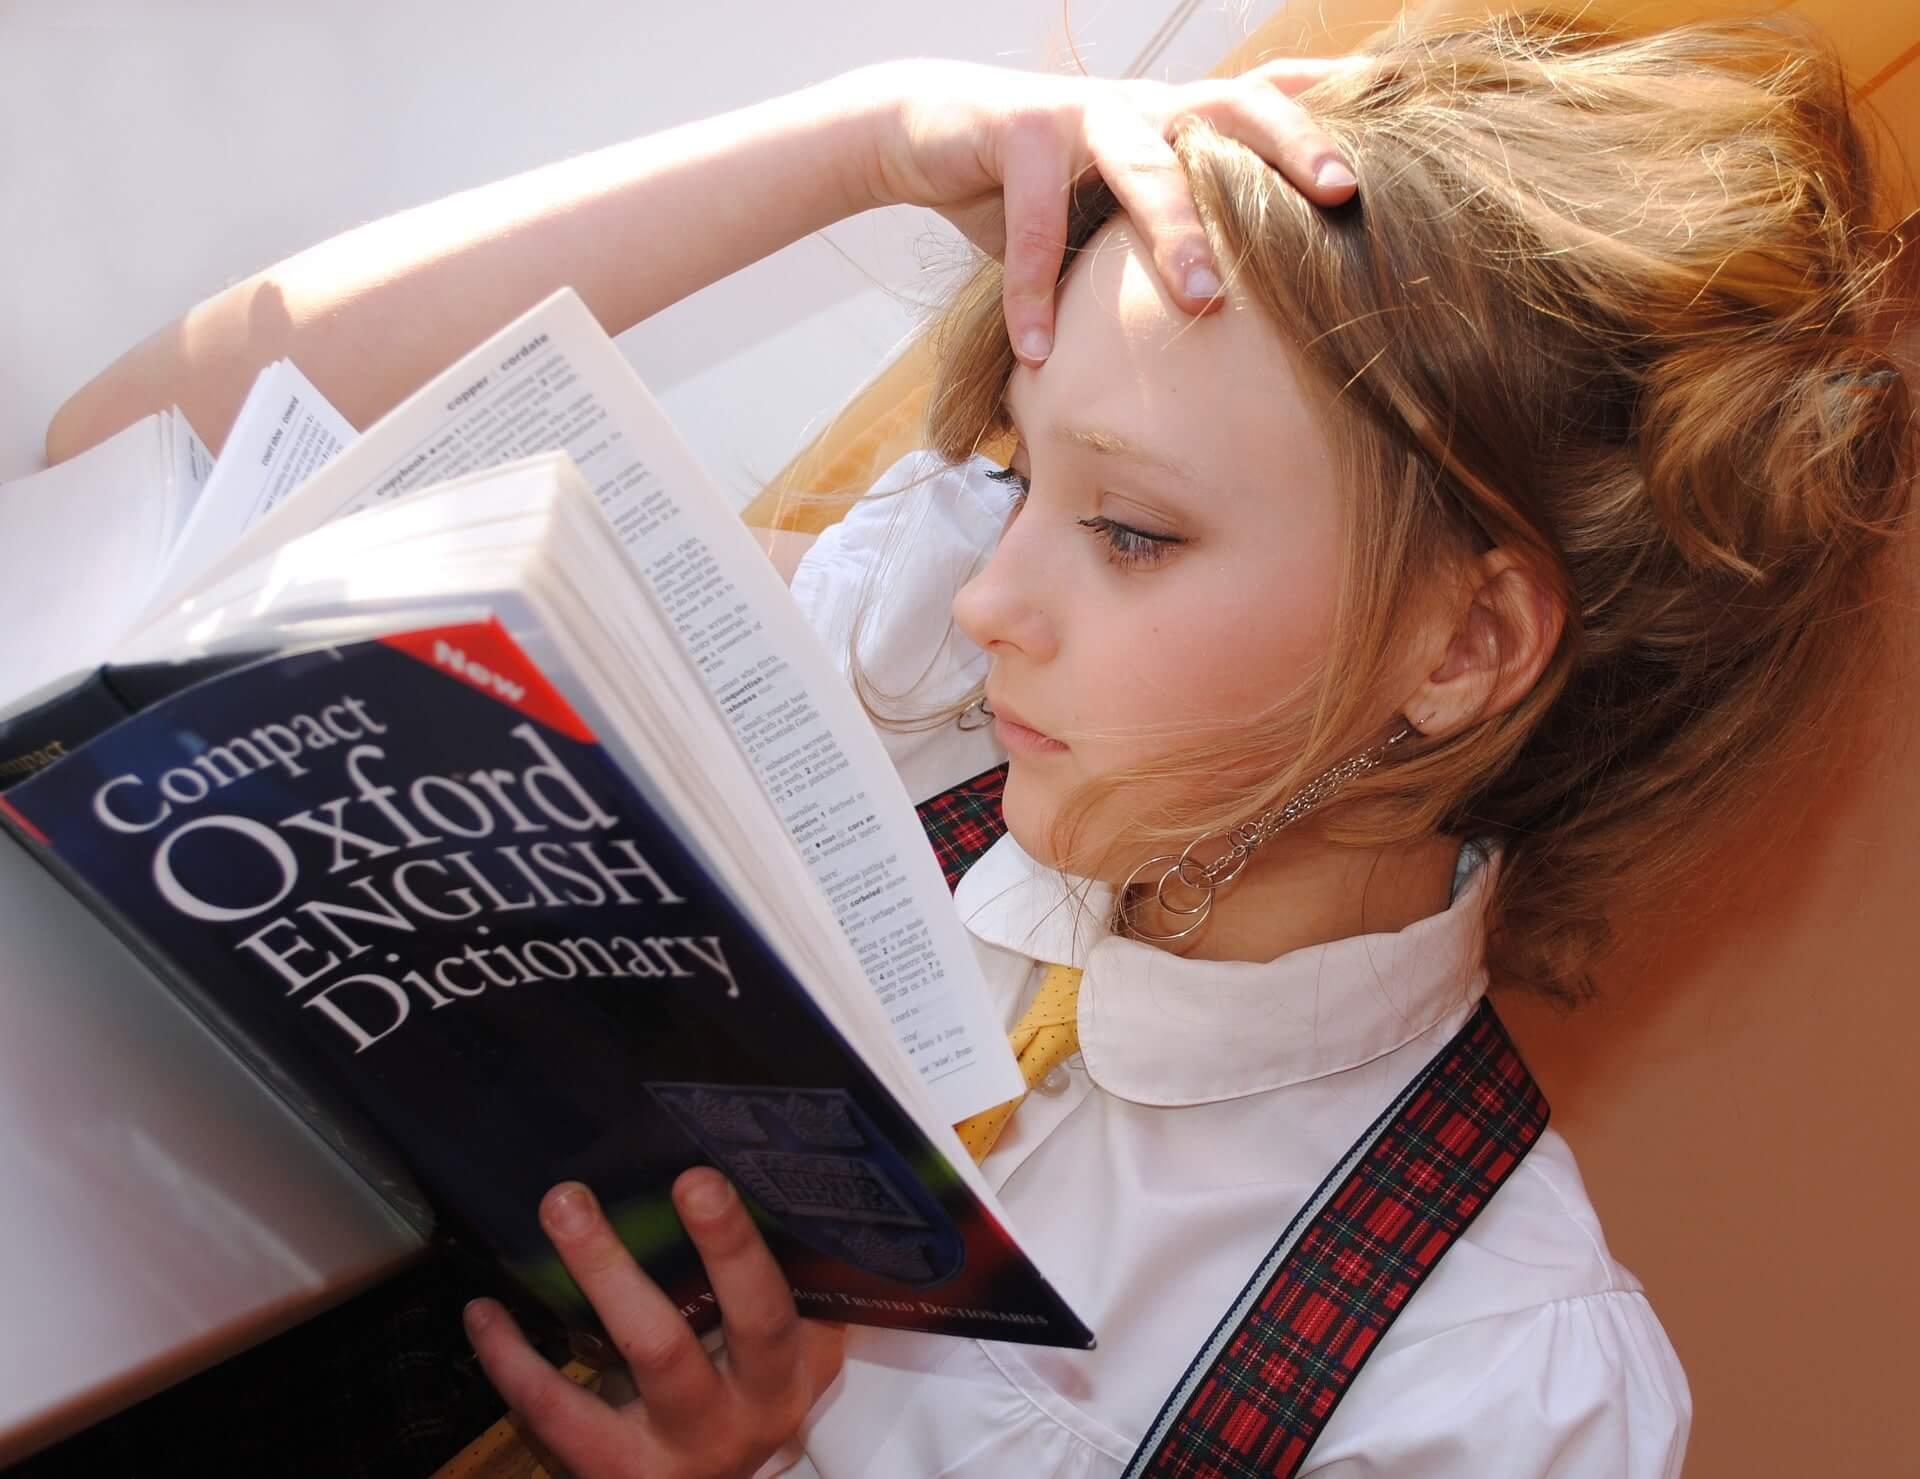 辞書 スペイン語